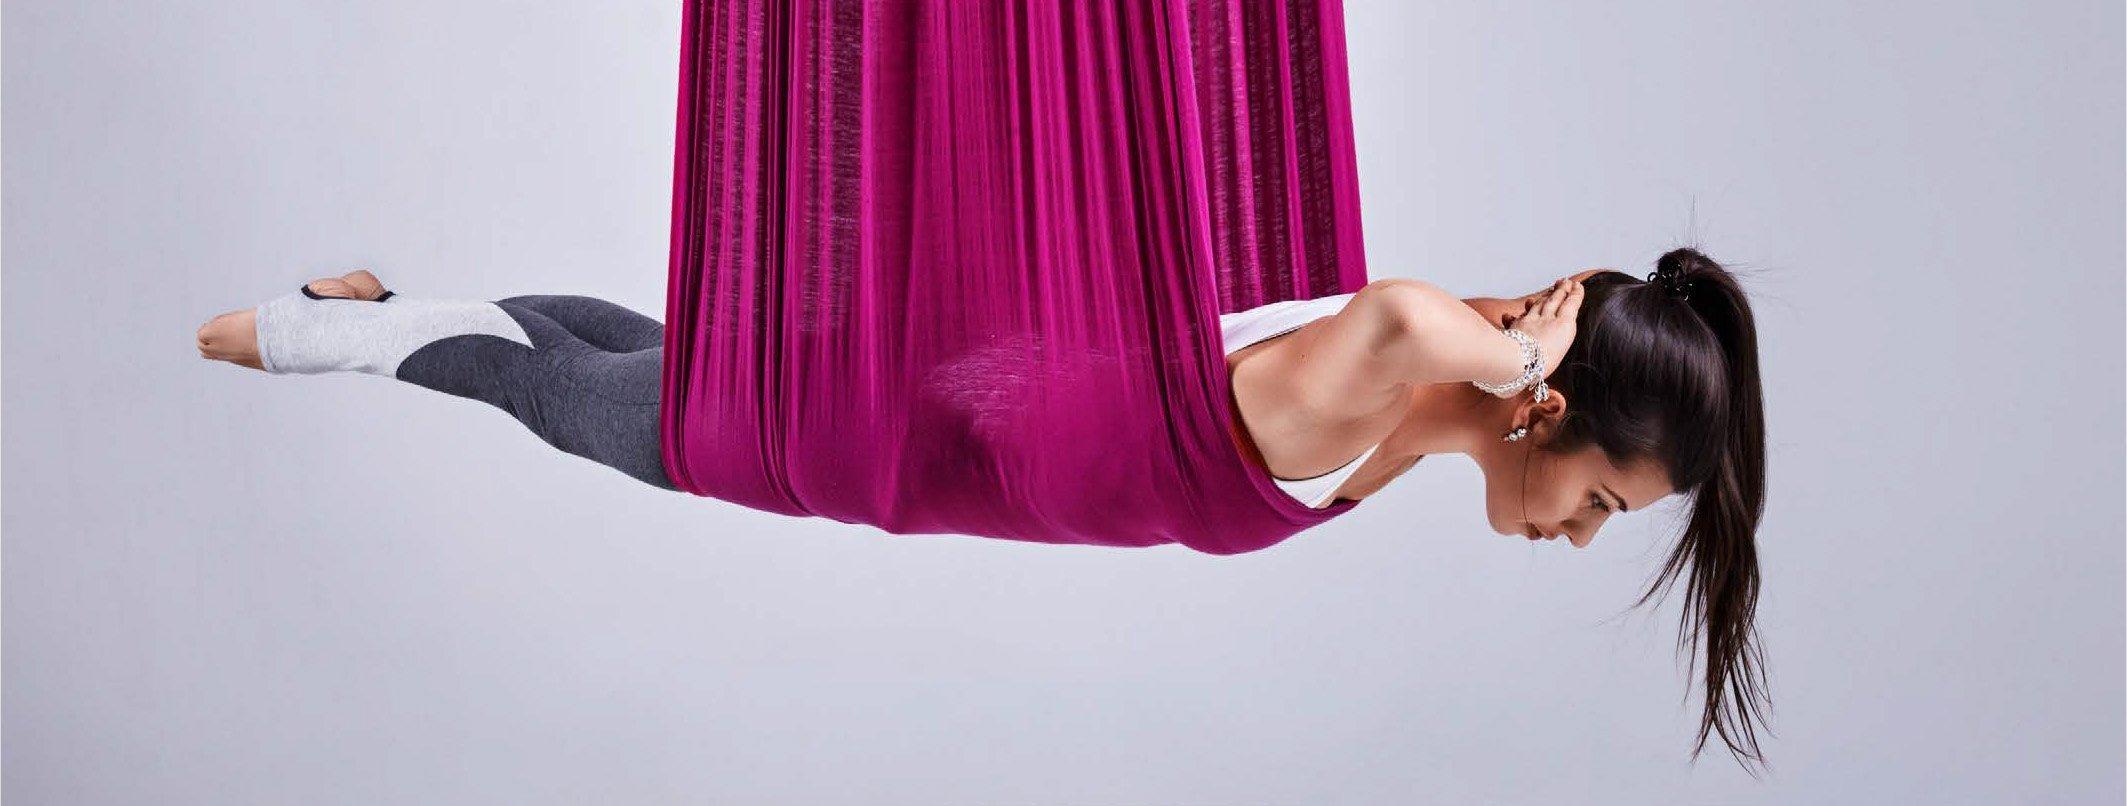 Fly yoga - изображение